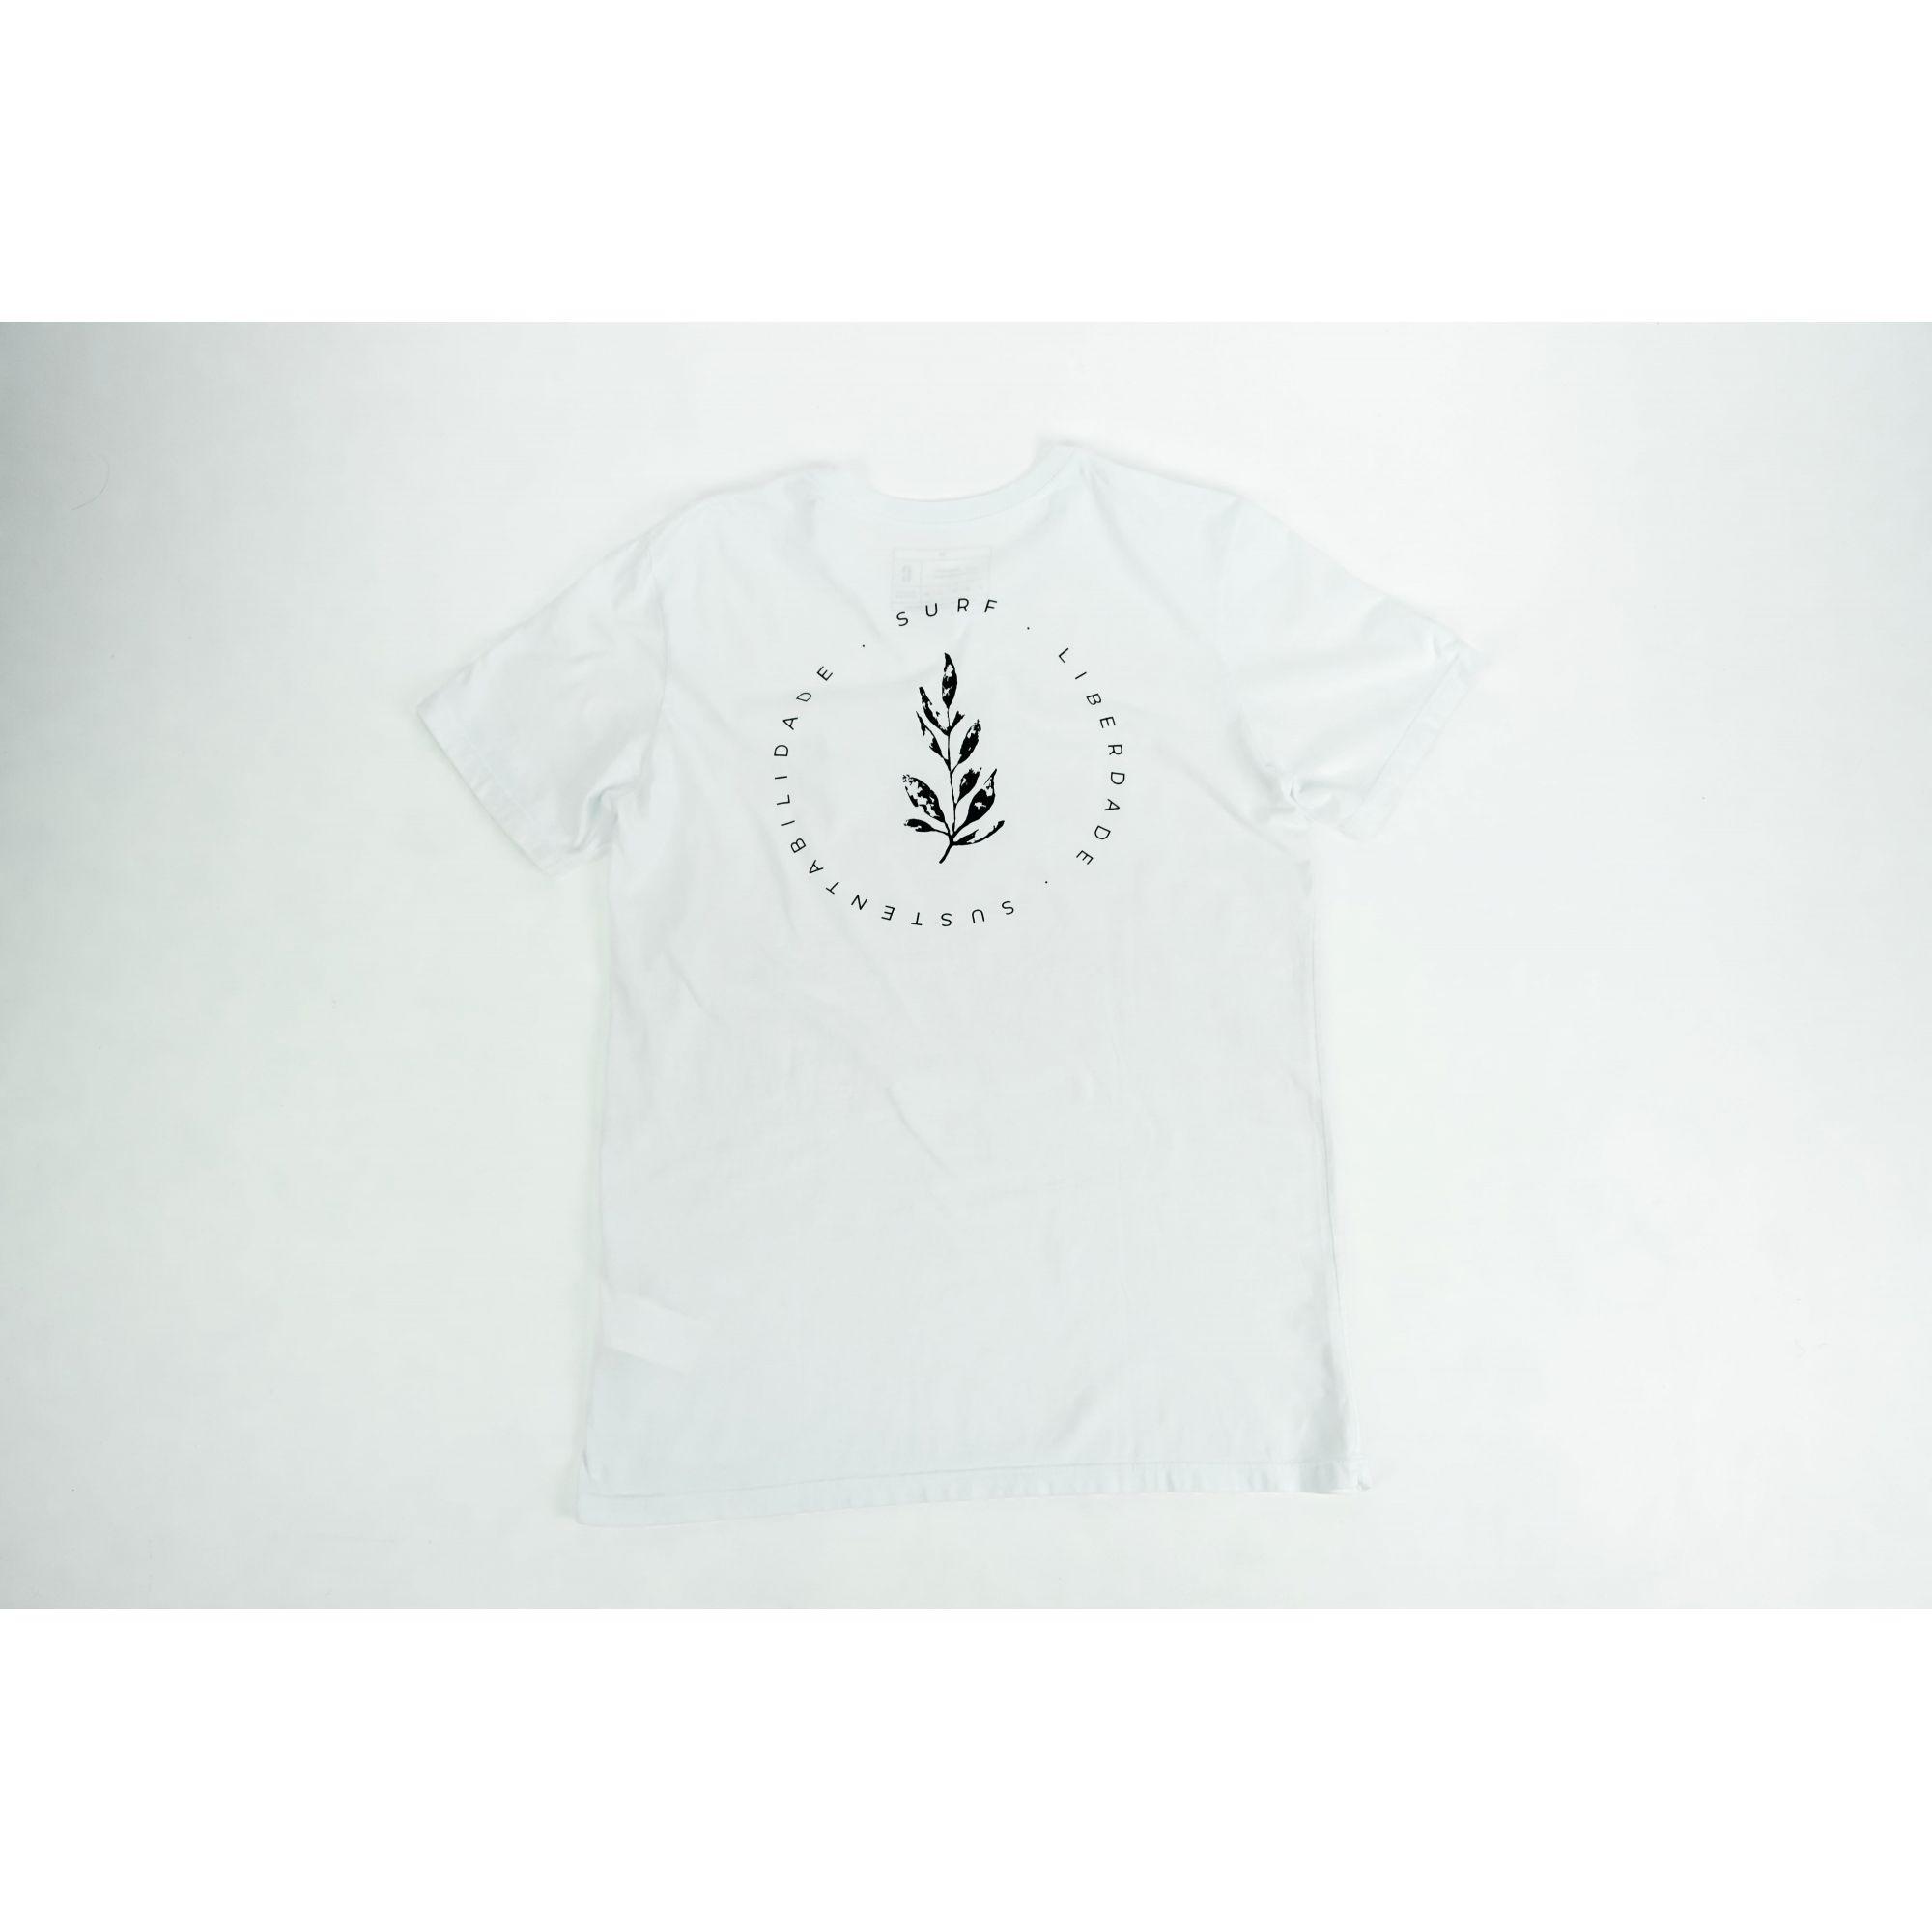 Camiseta Surf, Liberdade e Sustentabilidade